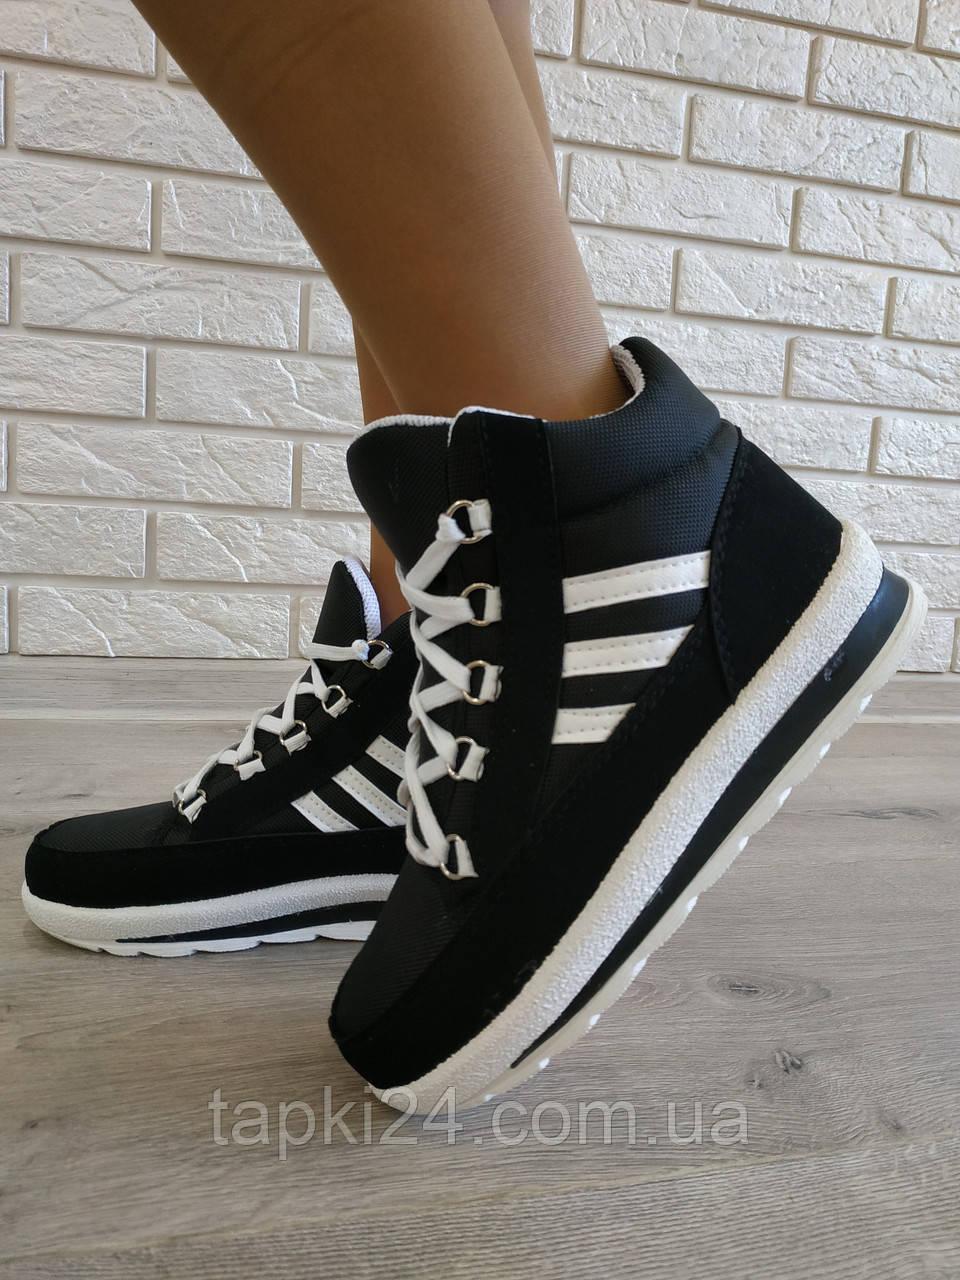 4d73a7c0d Кроссовки женские зимние оптом - Обувь оптом от производителя tapki24 в  Хмельницком